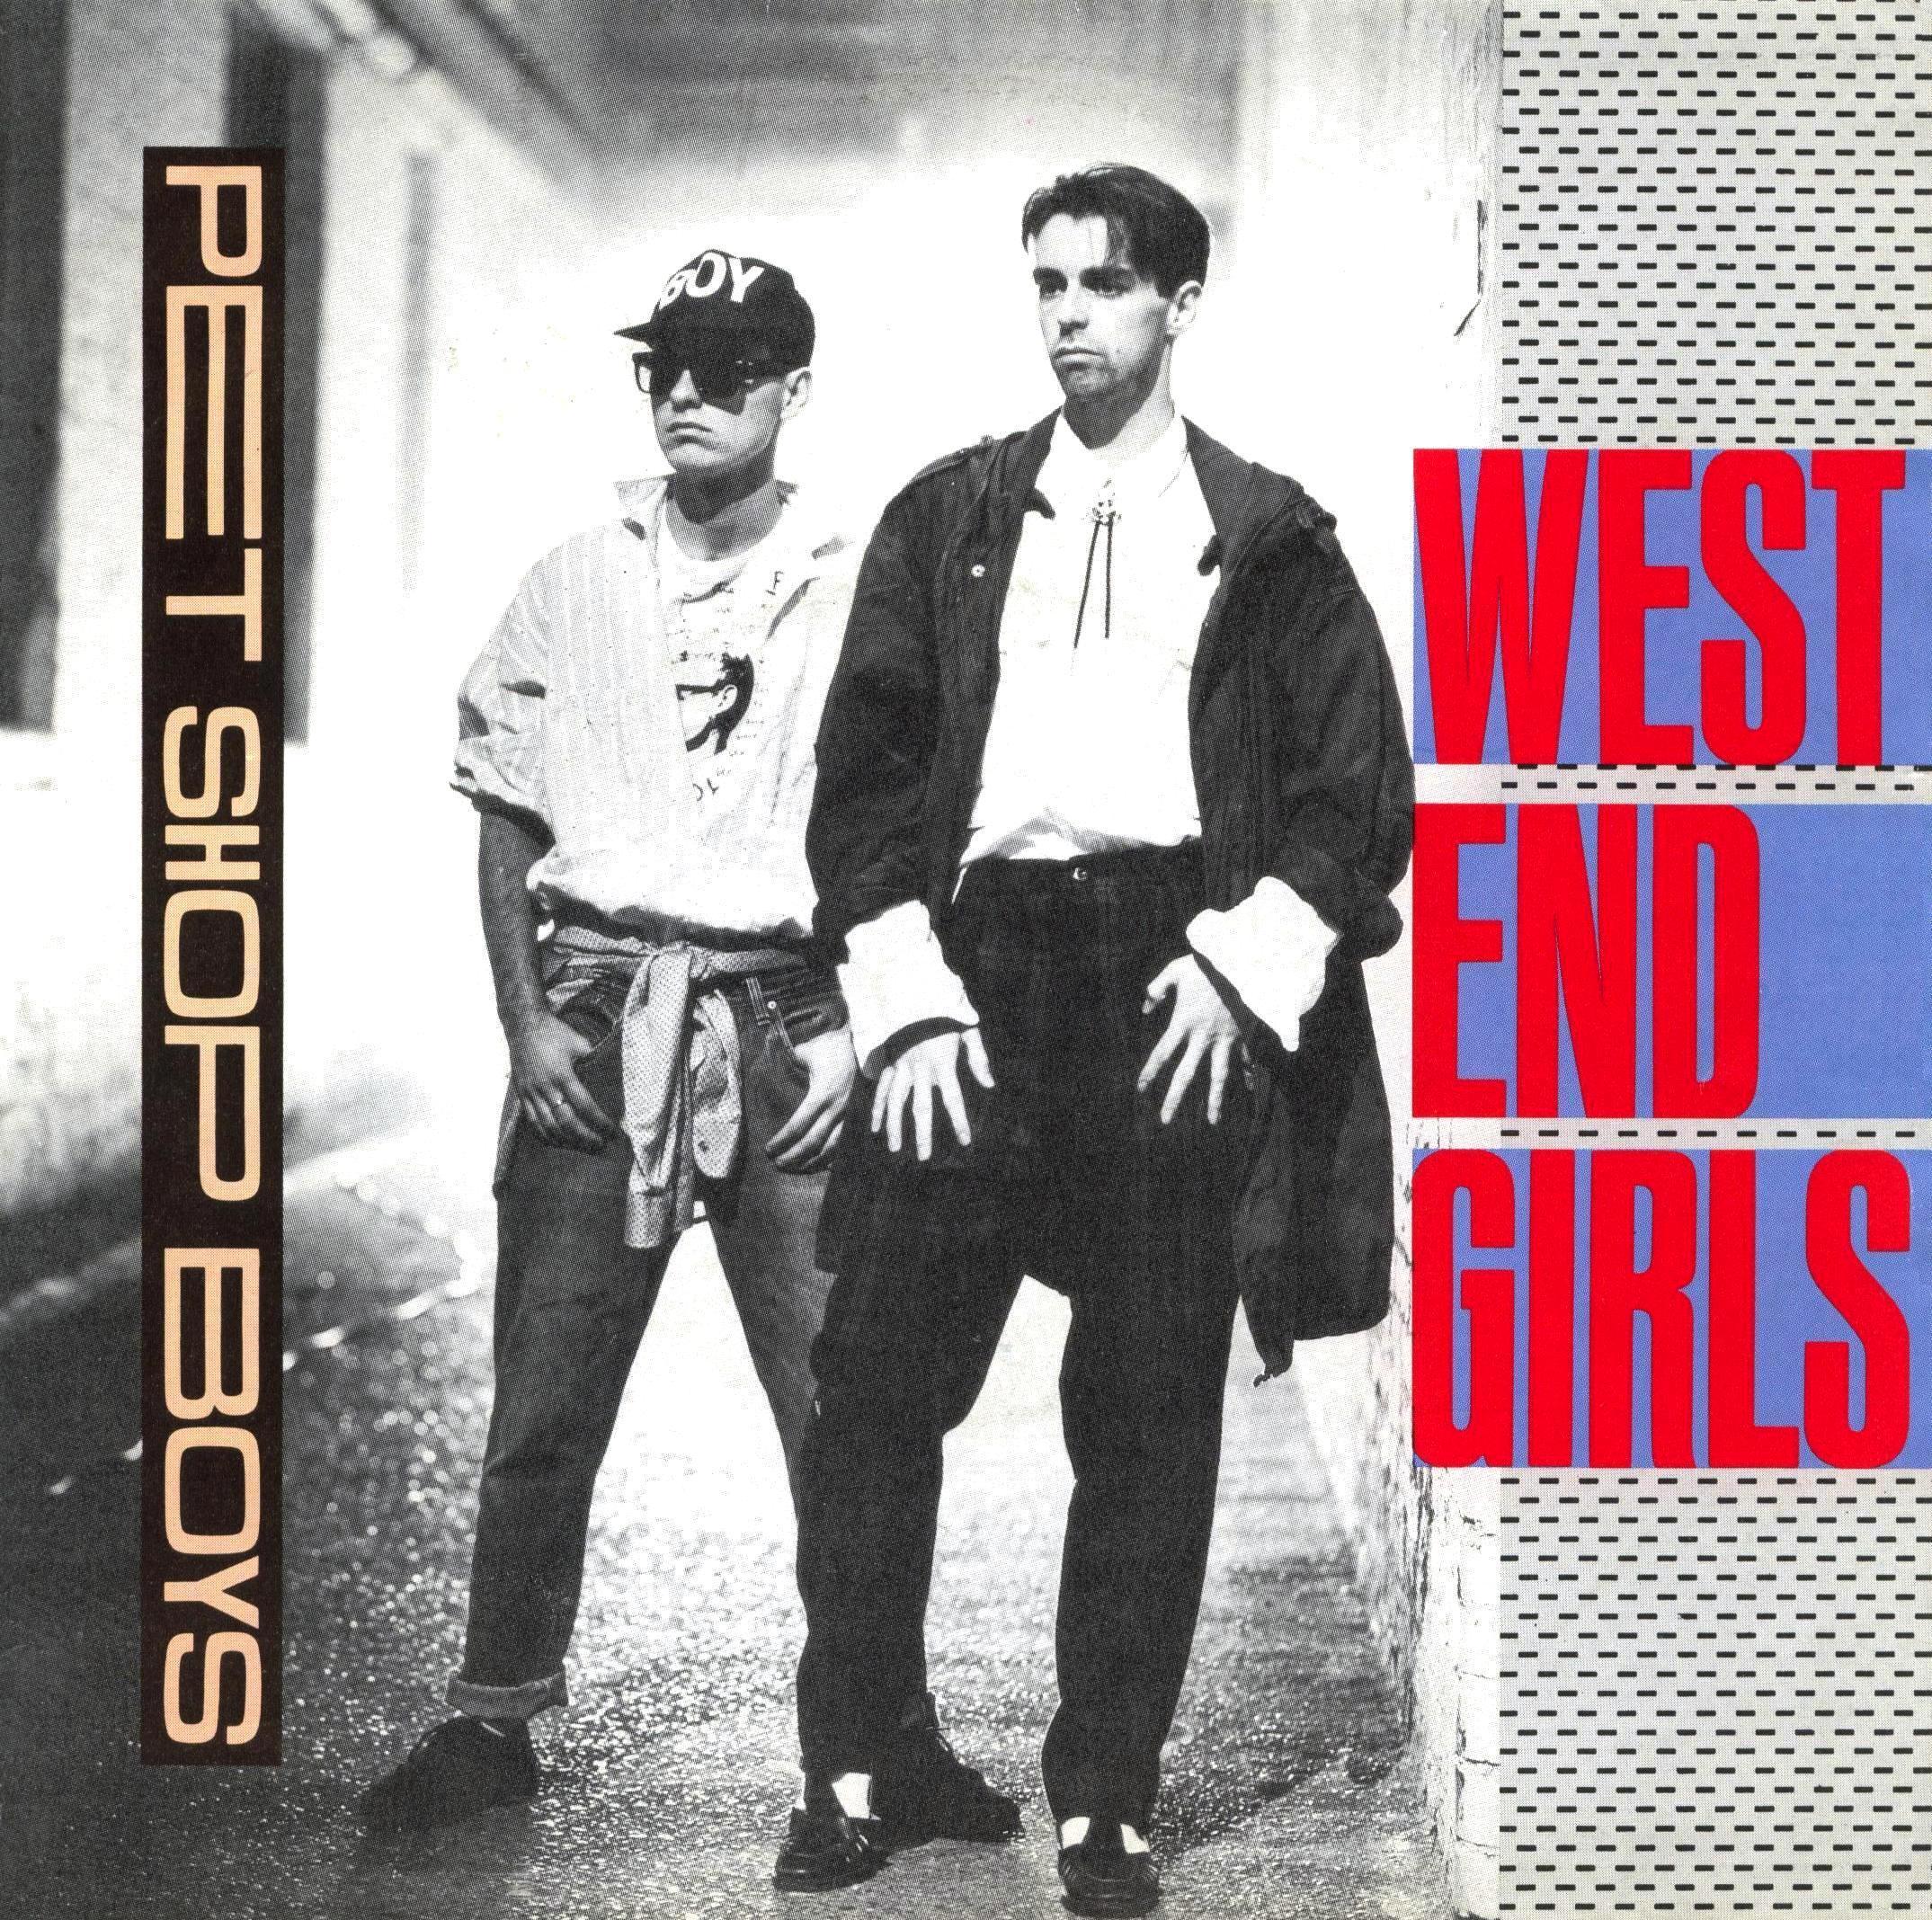 Pet-Shop-Boys-West-End-Girls